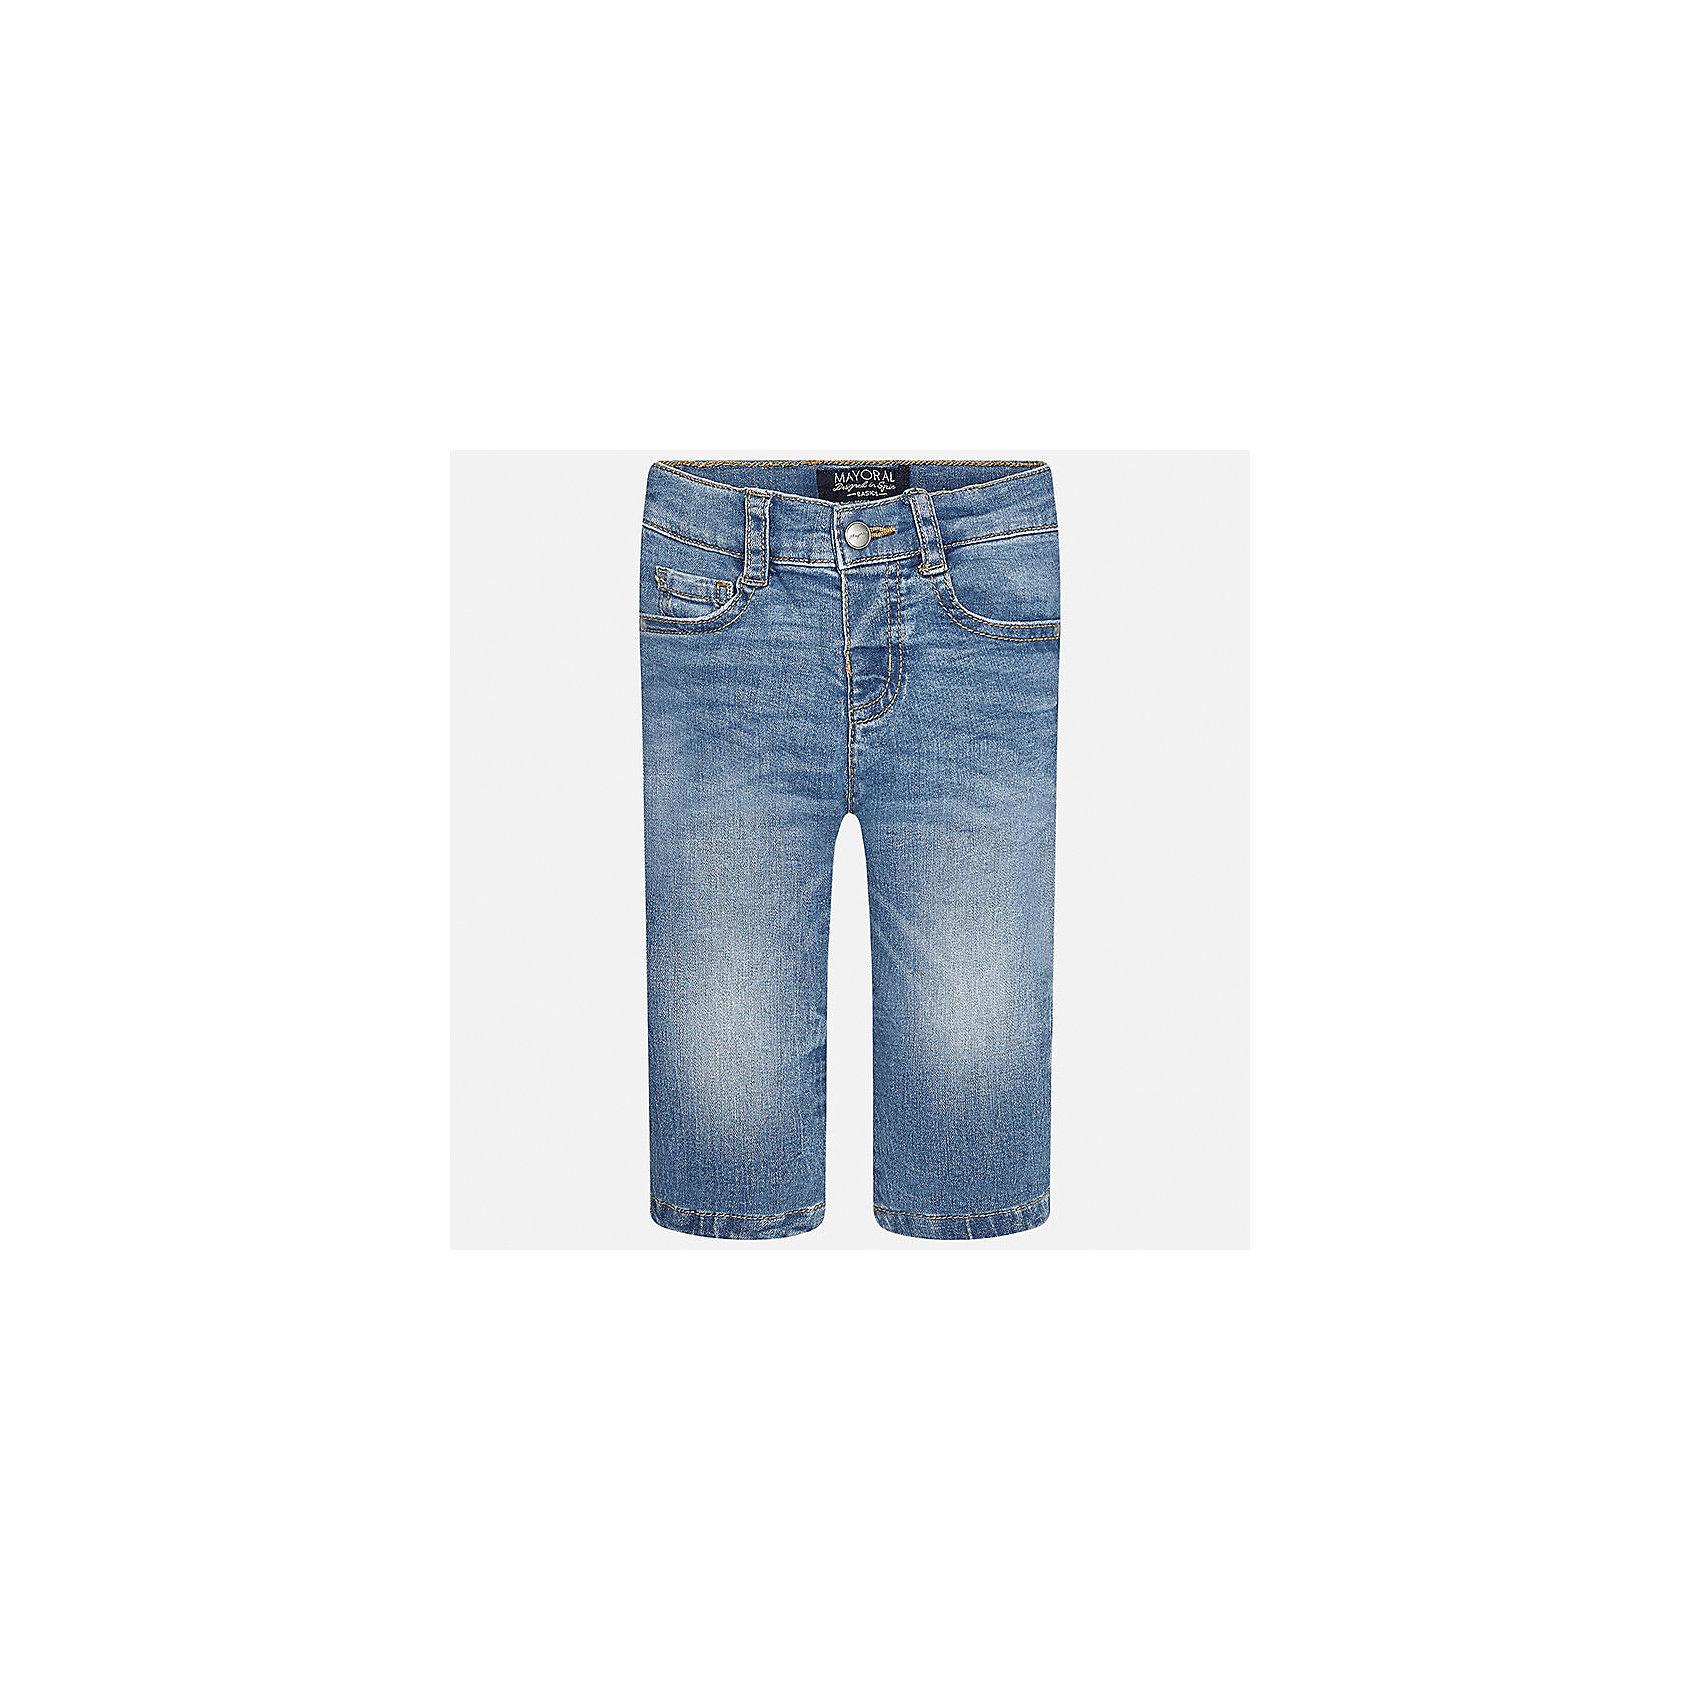 Джинсы для мальчика MayoralХарактеристики товара:<br><br>• цвет: синий<br>• состав: 99% хлопок, 1% эластан<br>• имитация потертостей<br>• шлевки<br>• карманы<br>• пояс с регулировкой объема<br>• классический силуэт<br>• страна бренда: Испания<br><br>Модные брюки для мальчика смогут стать базовой вещью в гардеробе ребенка. Они отлично сочетаются с майками, футболками, рубашками и т.д. Универсальный крой и цвет позволяет подобрать к вещи верх разных расцветок. Практичное и стильное изделие! В составе материала - натуральный хлопок, гипоаллергенный, приятный на ощупь, дышащий.<br><br>Одежда, обувь и аксессуары от испанского бренда Mayoral полюбились детям и взрослым по всему миру. Модели этой марки - стильные и удобные. Для их производства используются только безопасные, качественные материалы и фурнитура. Порадуйте ребенка модными и красивыми вещами от Mayoral! <br><br>Брюки для мальчика от испанского бренда Mayoral (Майорал) можно купить в нашем интернет-магазине.<br><br>Ширина мм: 215<br>Глубина мм: 88<br>Высота мм: 191<br>Вес г: 336<br>Цвет: синий<br>Возраст от месяцев: 12<br>Возраст до месяцев: 15<br>Пол: Мужской<br>Возраст: Детский<br>Размер: 80,92,86<br>SKU: 5277620